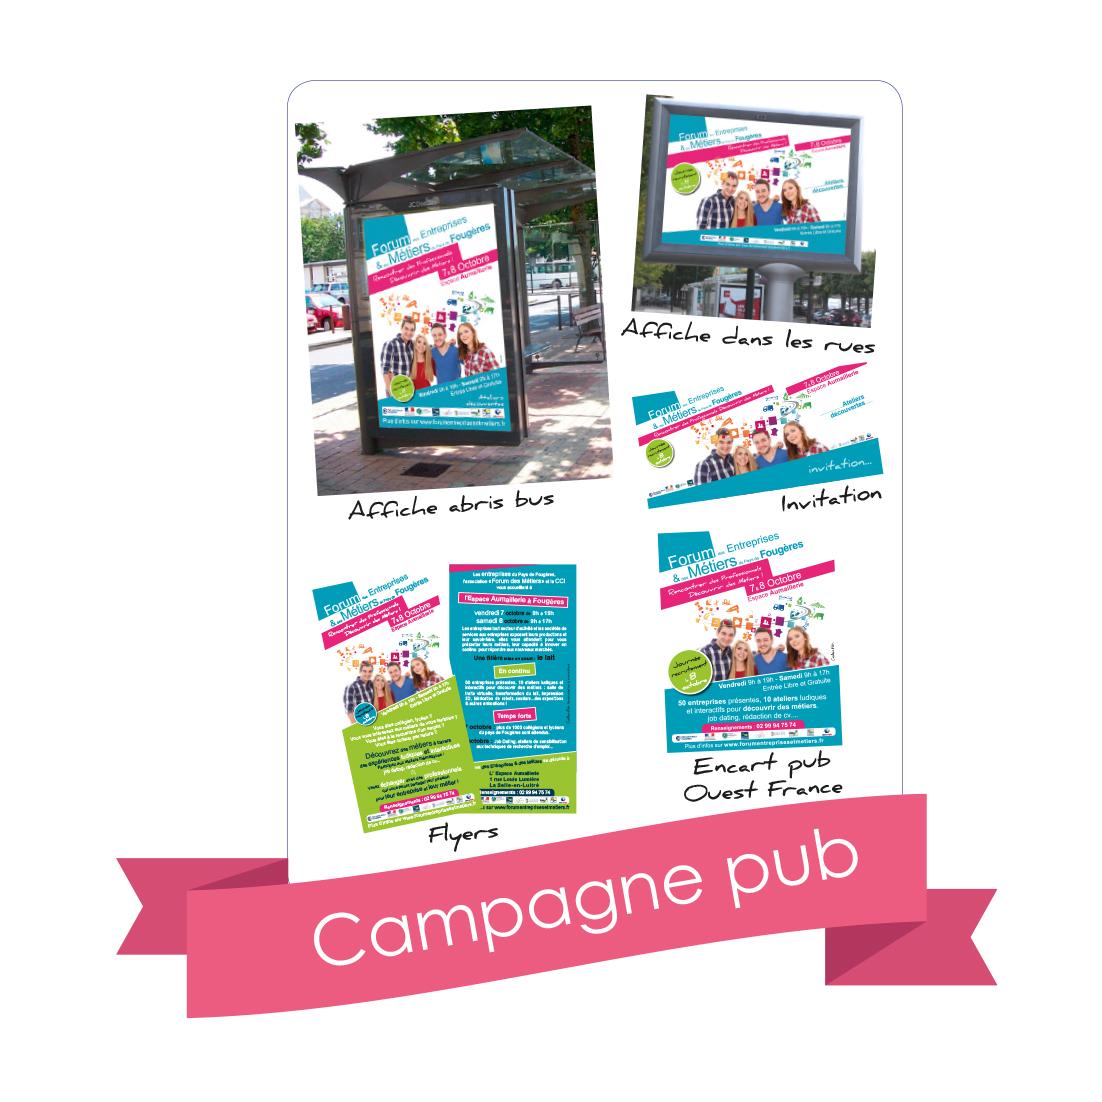 campagne publicitaite, campagne d'affiche cci saint-malo fougères 2016